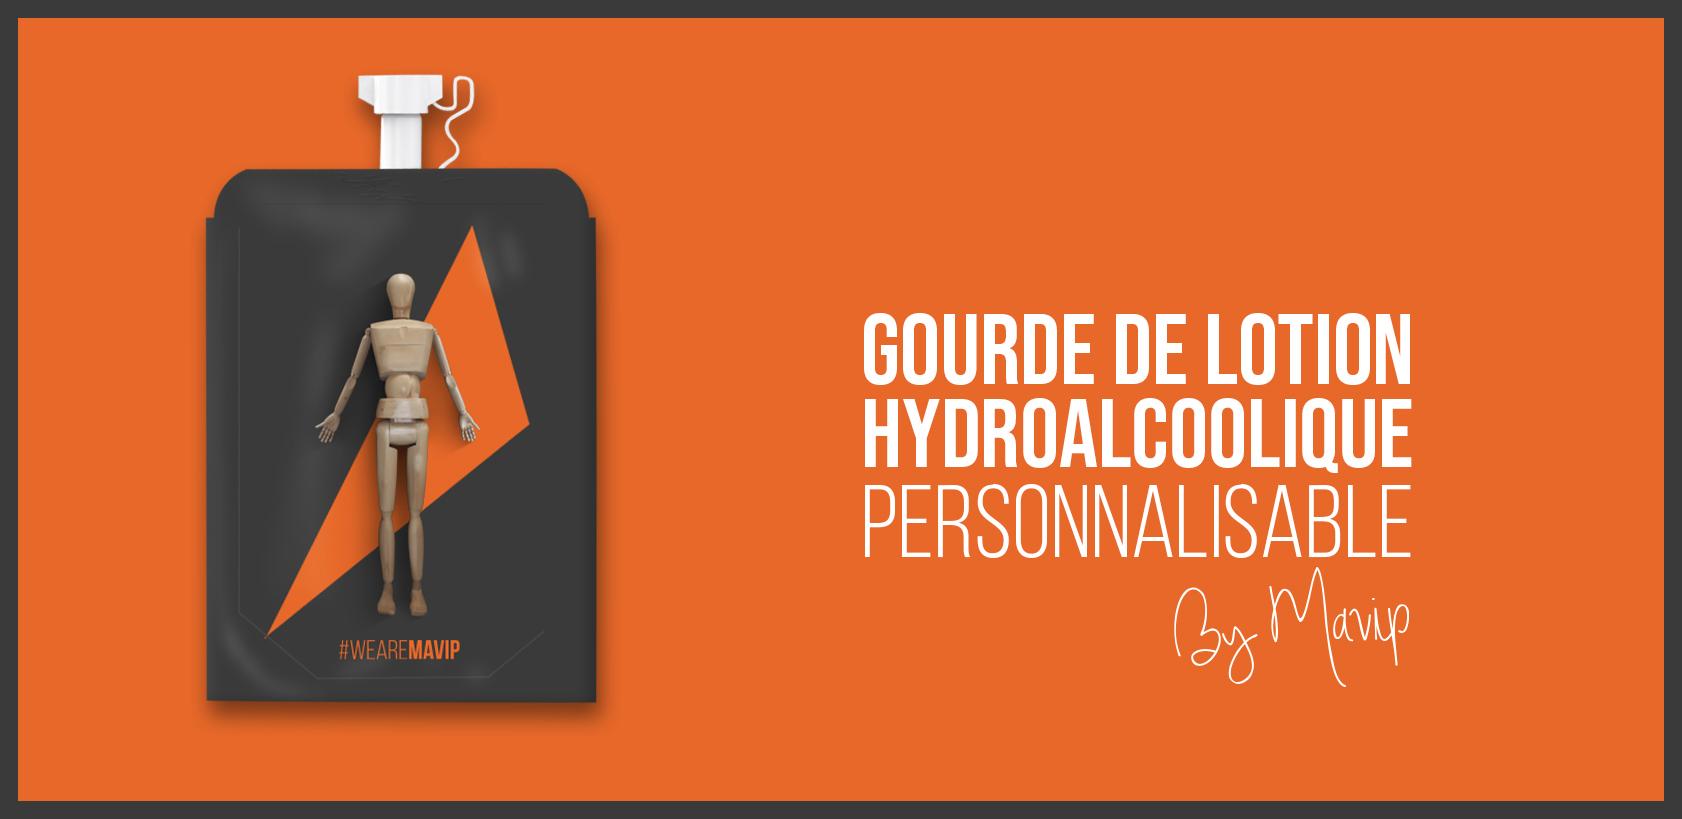 Gourde de lotion hydroalcoolique personnalisable avec votre logo d'entreprise